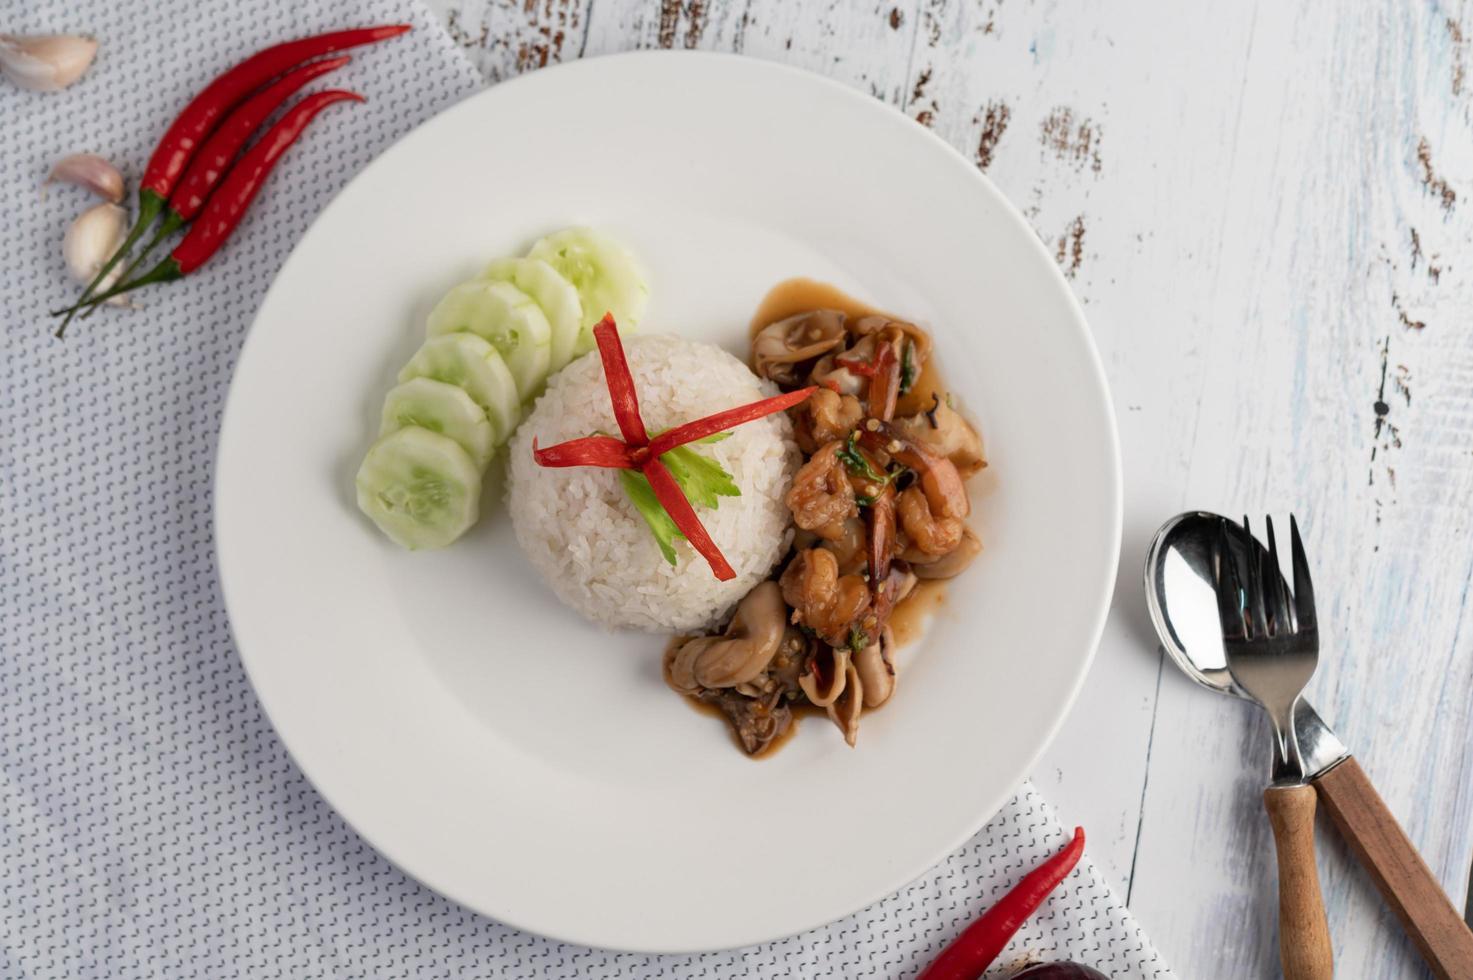 arroz cubierto con albahaca salteada con calamares y camarones foto